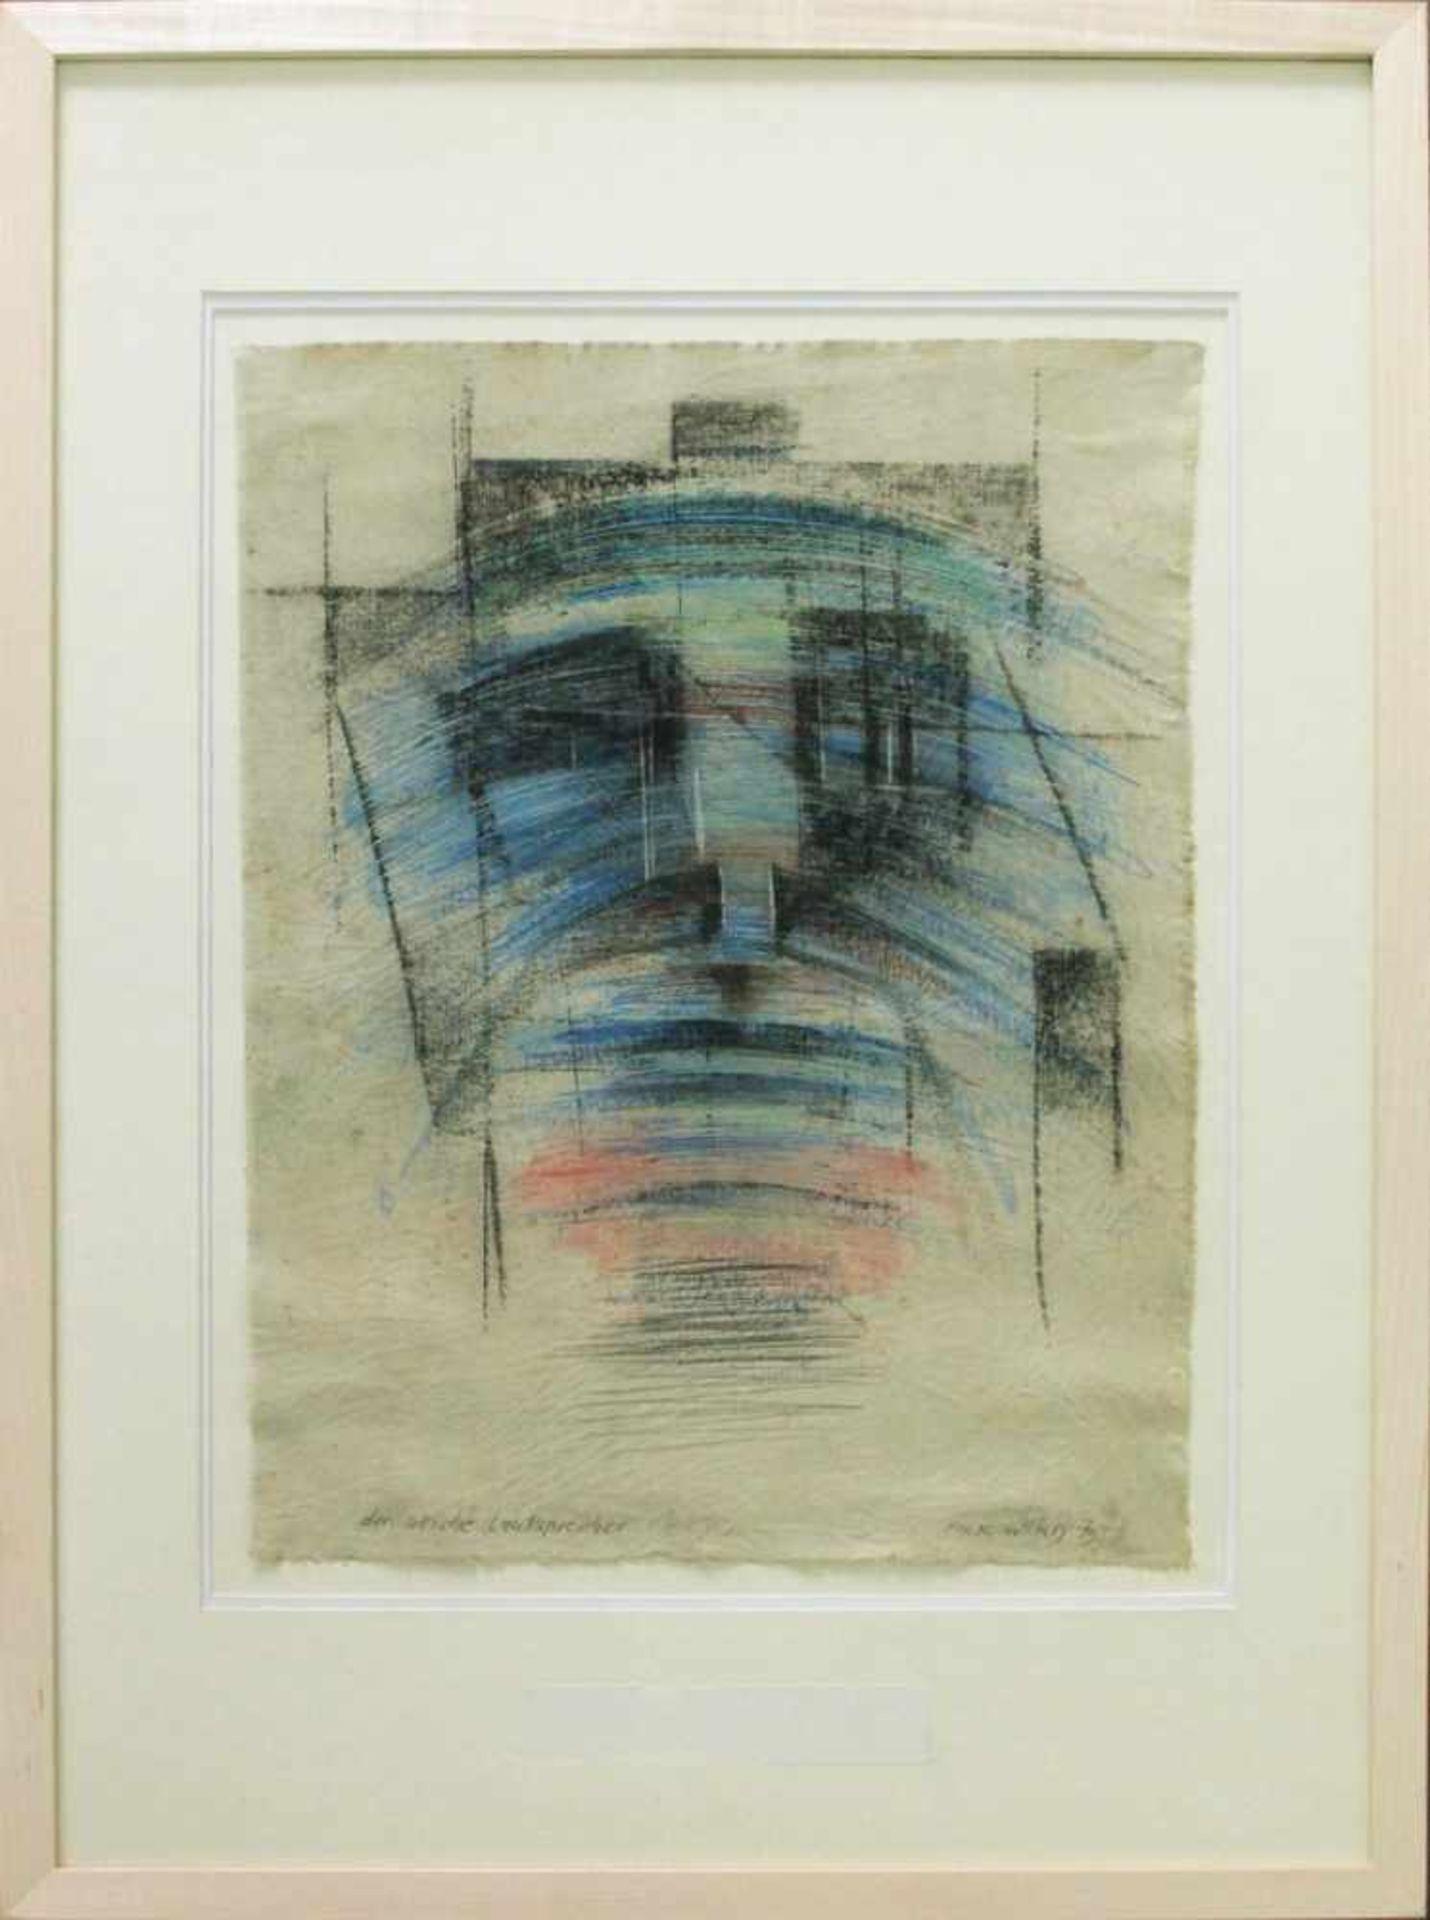 Marc Adrian 1930-2008 Der weiche Lautsprecher 1973 Öl auf Leinwand handsigniert, betitelt und - Bild 2 aus 4